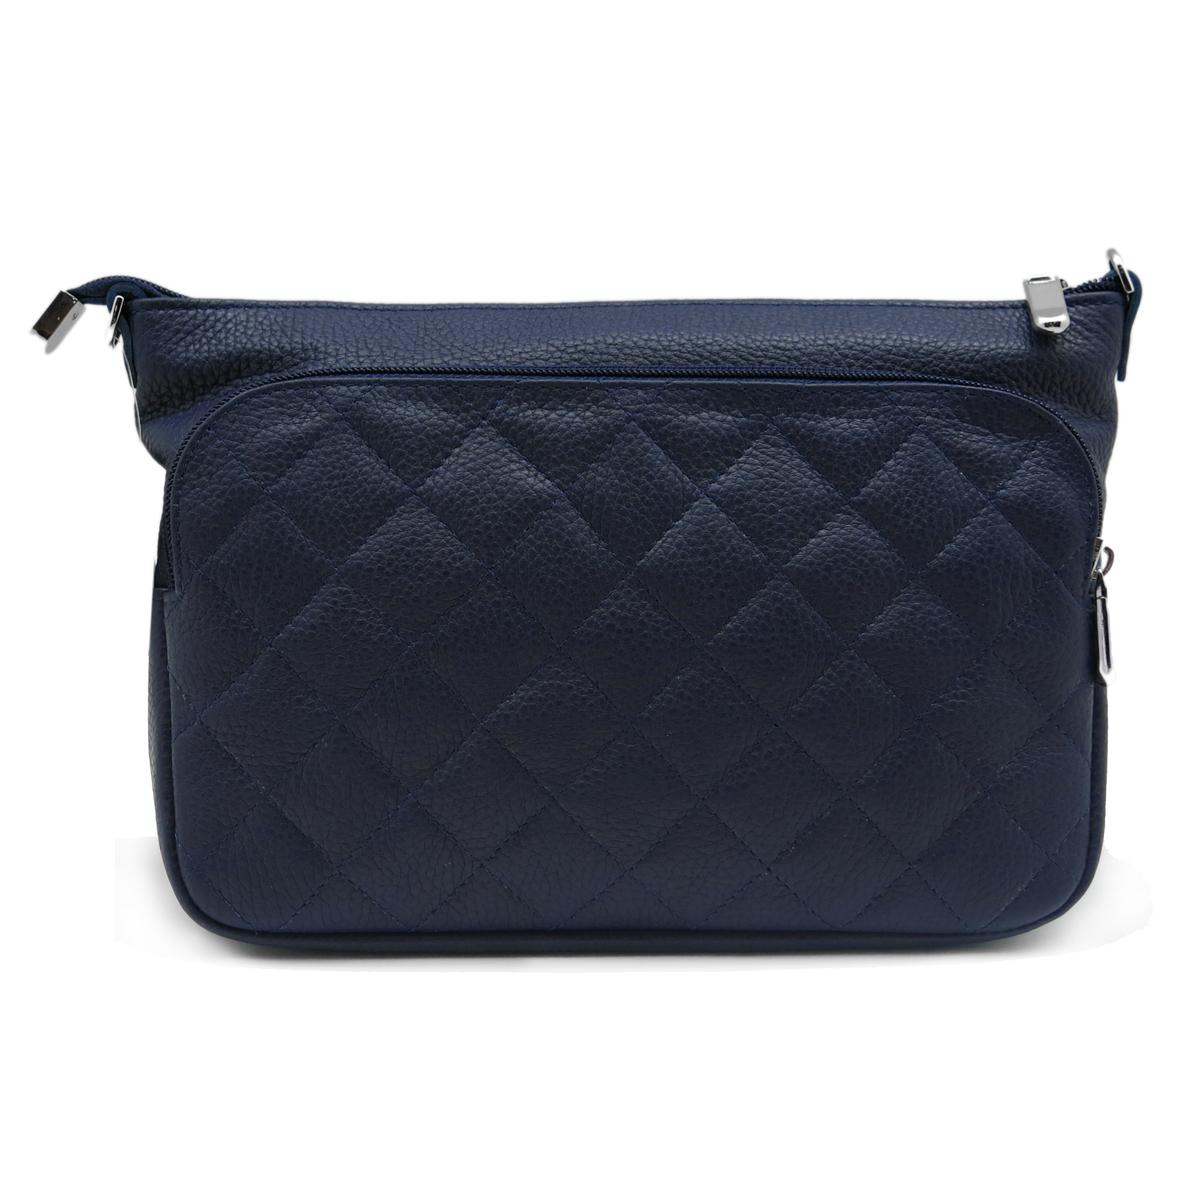 Сумка женская Alexandr, цвет: синий. Т-43/92Т-43/92Женская сумка Alexandr из натуральной кожи синего цвета имеет одно отделение на молнии и накладной карман. Внутри два кармашка для мелочей, карман на молнии. Плечевой ремень регулируется по длине.